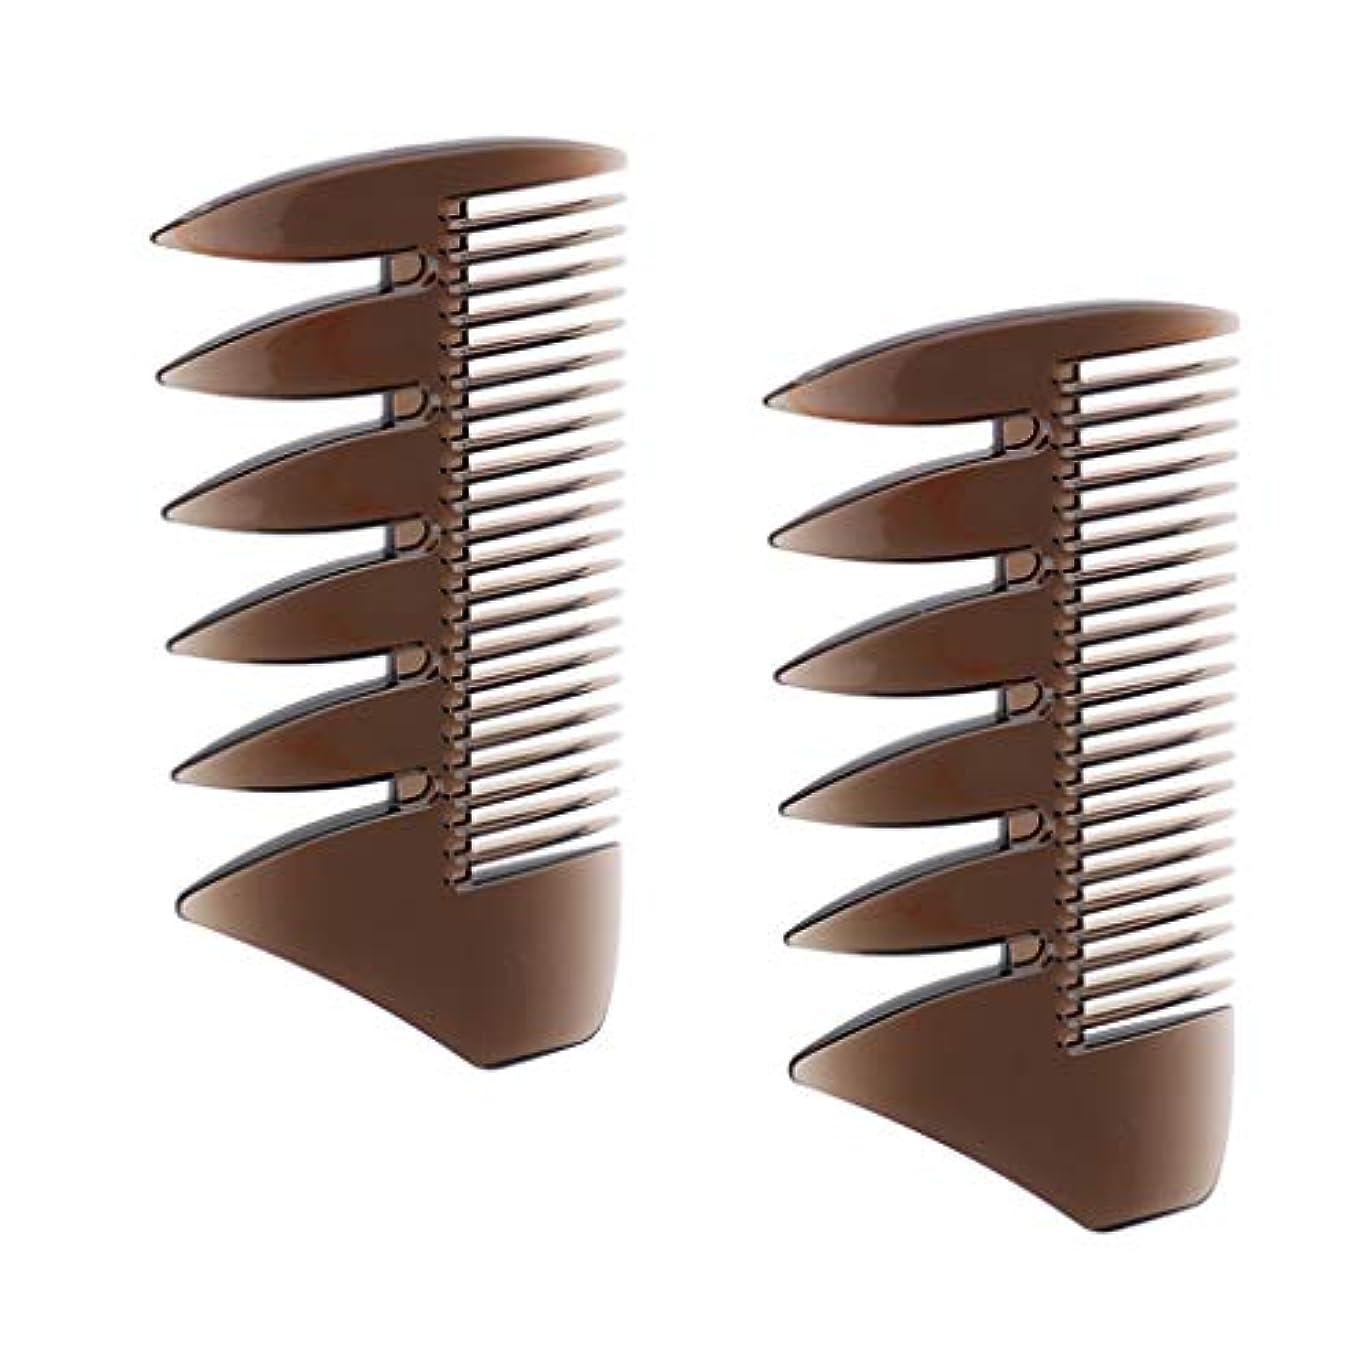 ミュウミュウ側溝頭痛2個セット ヘアコンビ デュアルサイド メンズ オイルの髪 櫛 ヘアサロン ヘアスタイリング